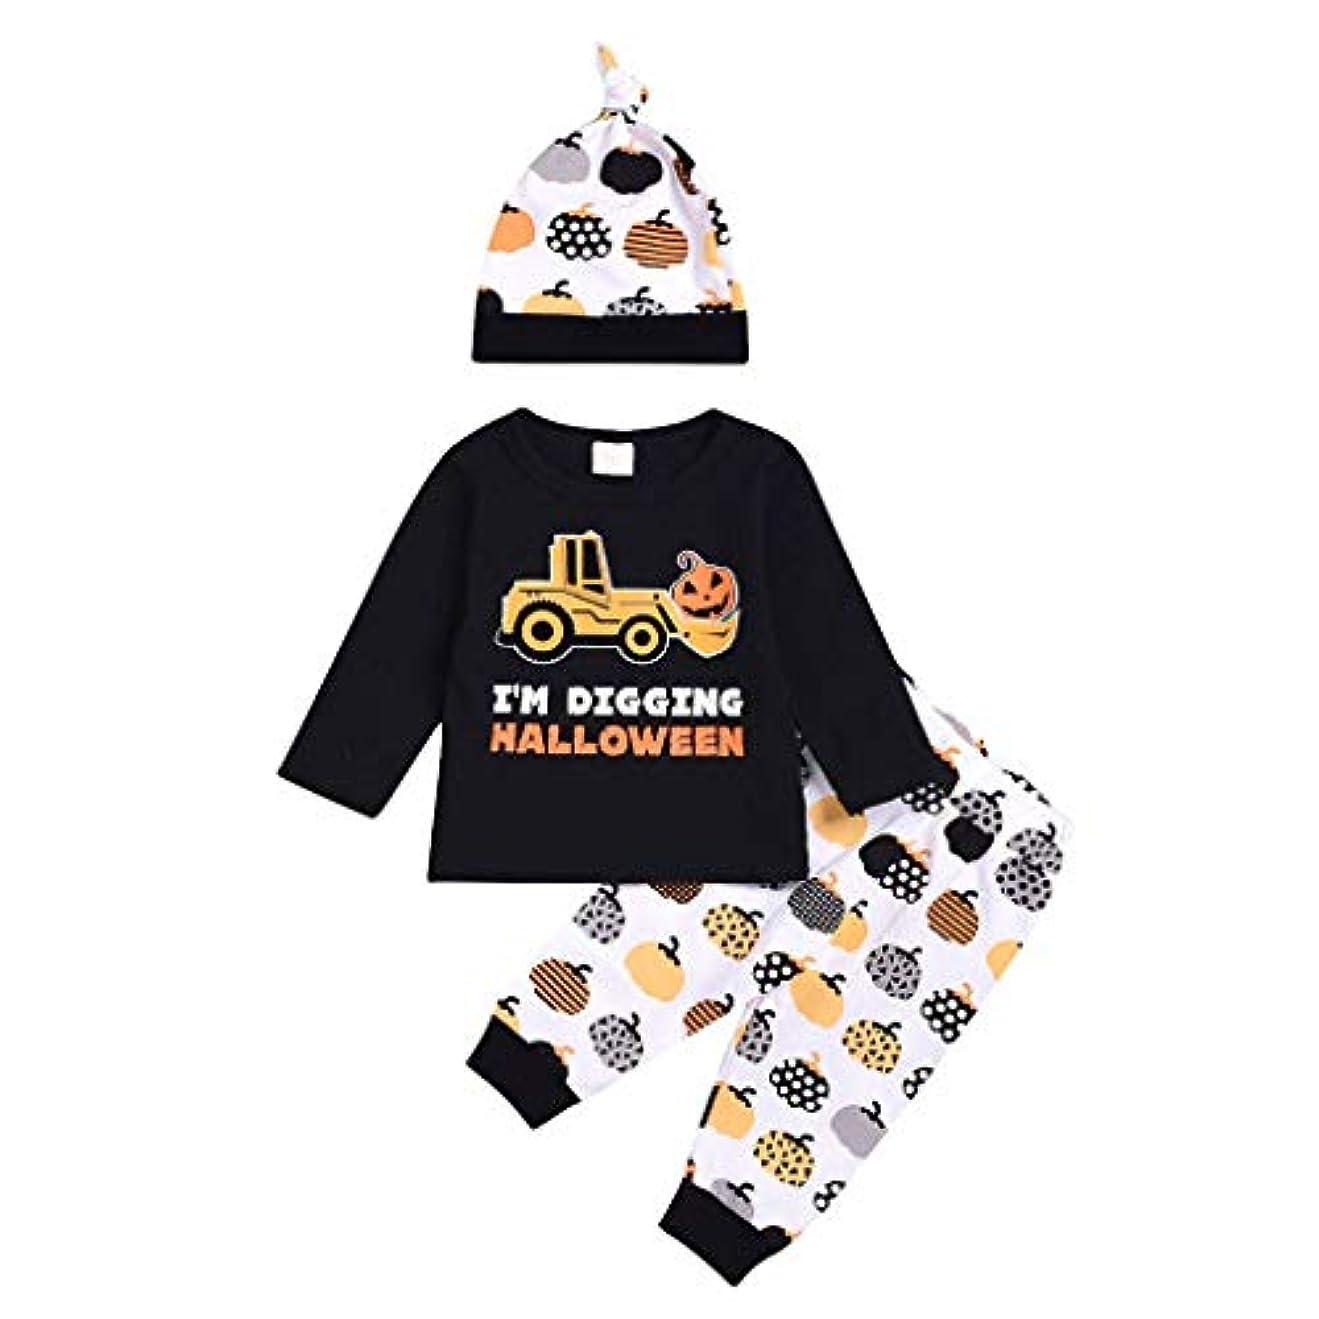 原理怪しいまぶしさパンプキン 可愛い ハロウィン 子ども服 子供用 tシャツ+ズボン+帽子3点セット ベビー服 ビューティー 柔らかい カジュアル 普段着 通園 通学 遊び着 (黒, 90(12-18ヶ月))